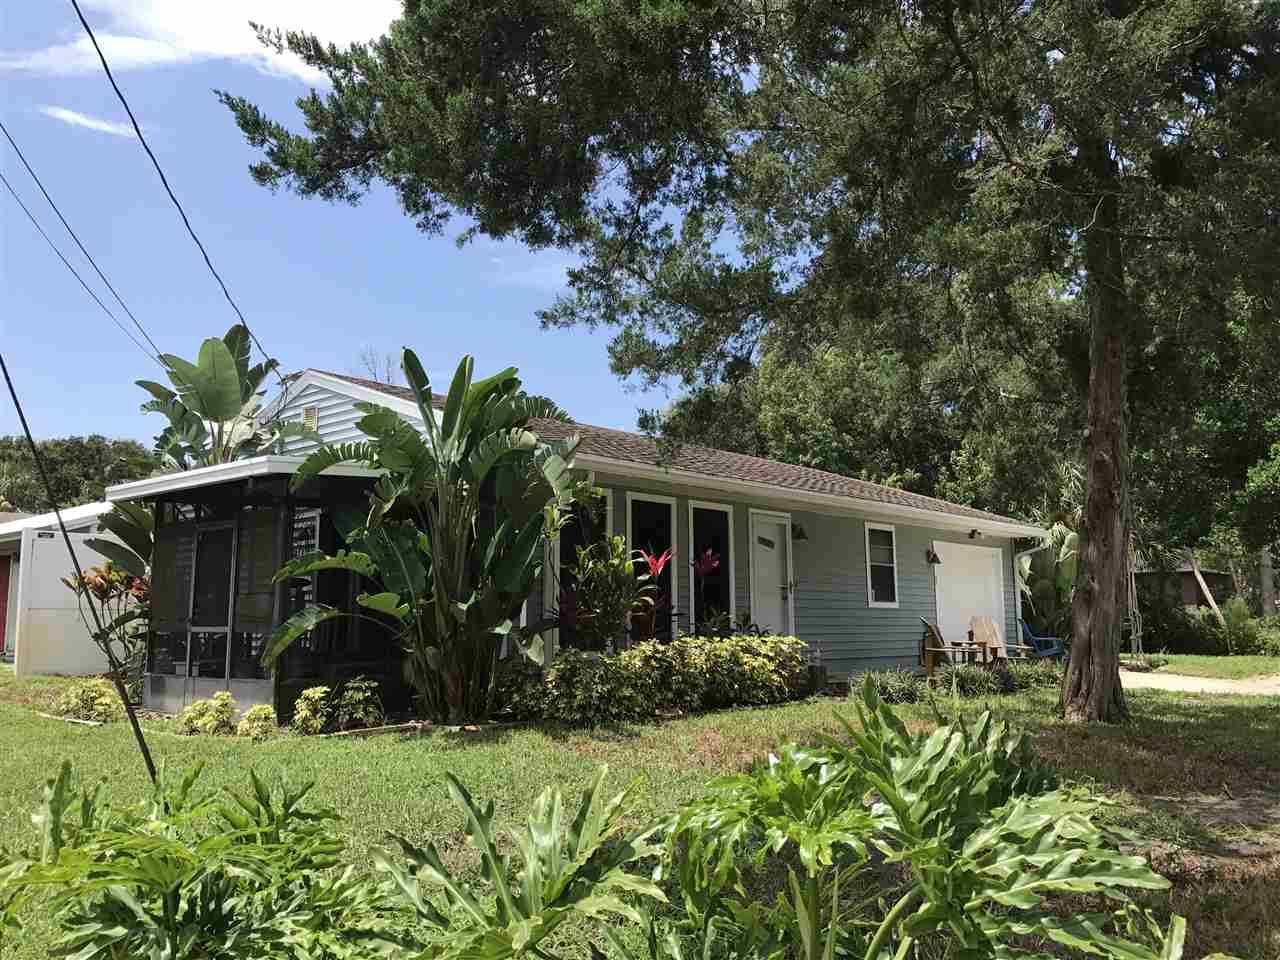 400 E STREET, ST AUGUSTINE BEACH, FL 32080